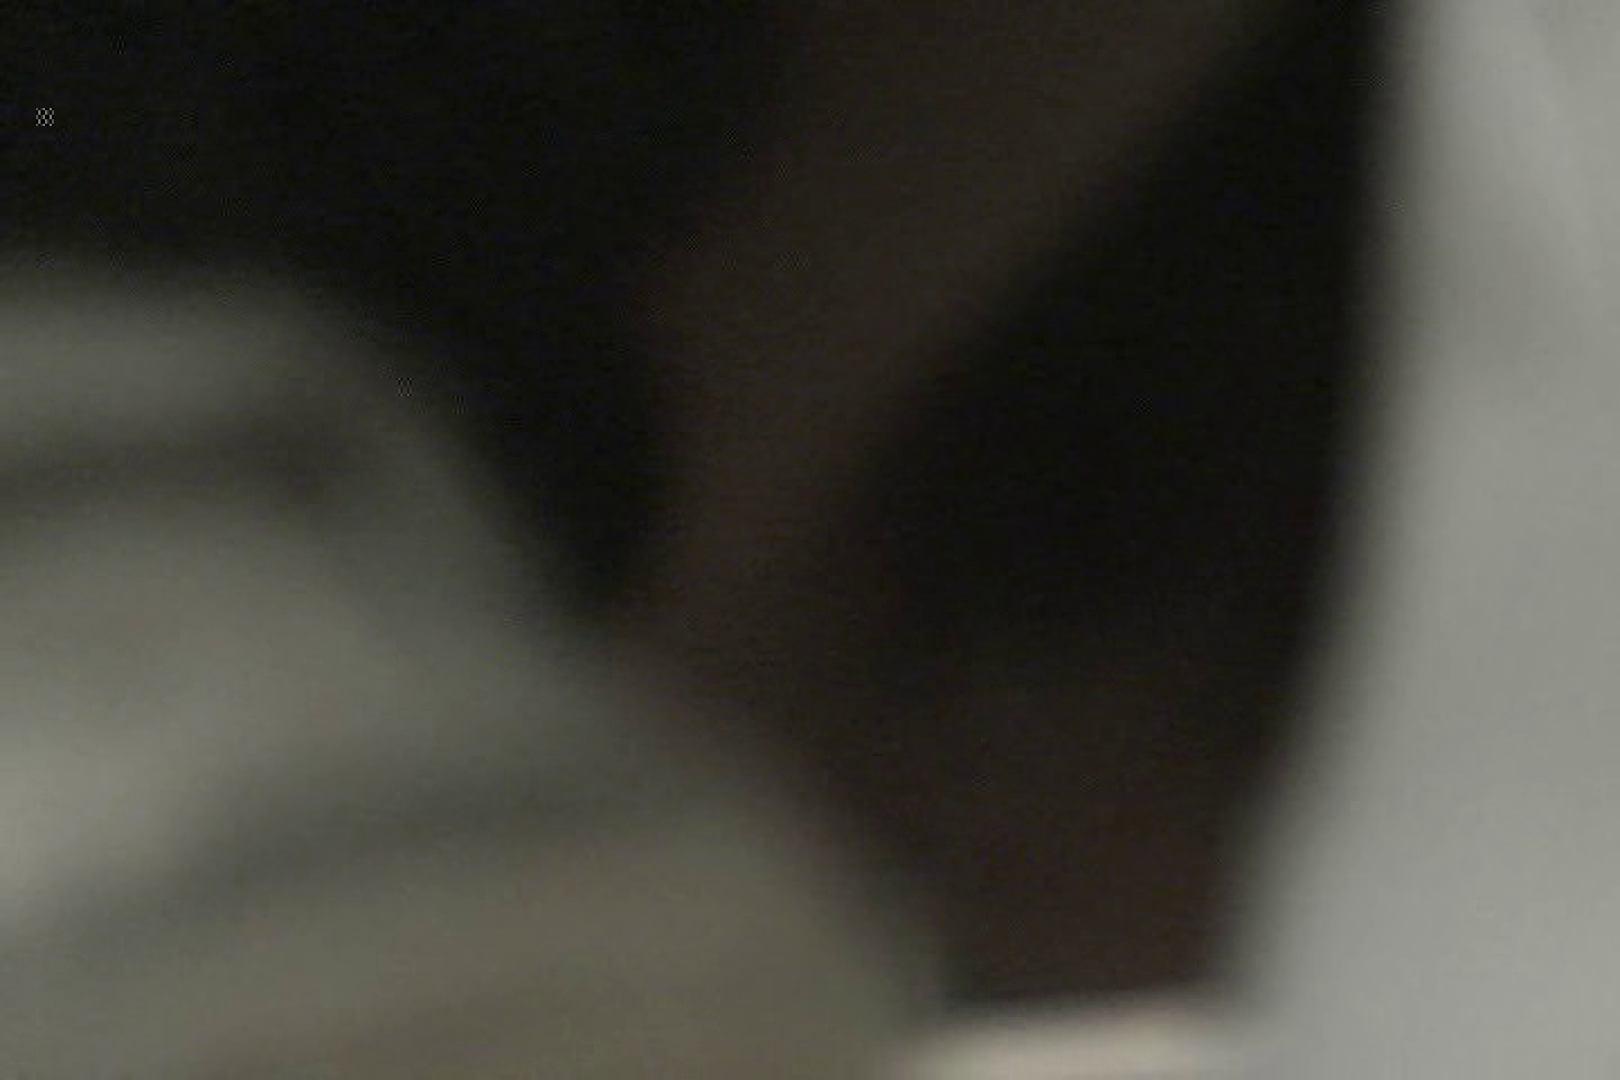 マンコ丸見え女子洗面所Vol.11 洗面所 覗き性交動画流出 71PICs 63